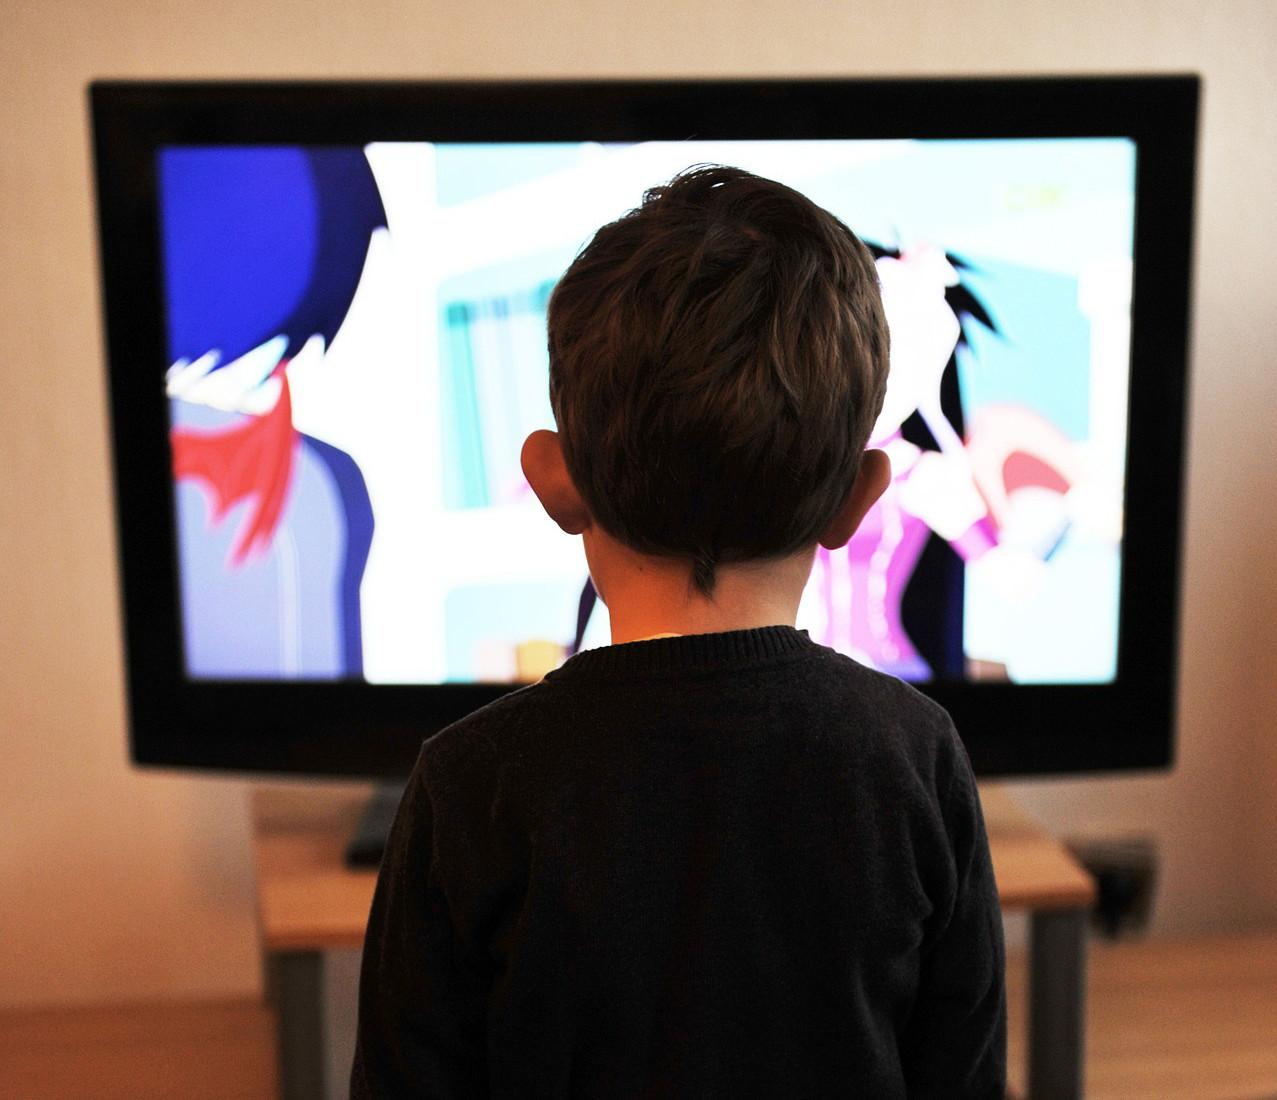 optimalen betrachtungsabstand beim tv berechnen hifi. Black Bedroom Furniture Sets. Home Design Ideas